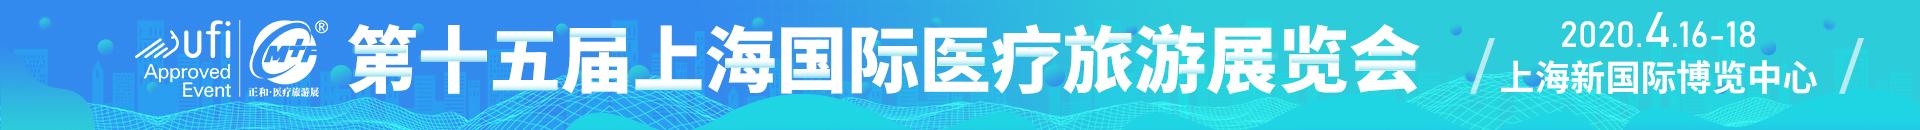 第十五届上海国际医疗旅游展览会